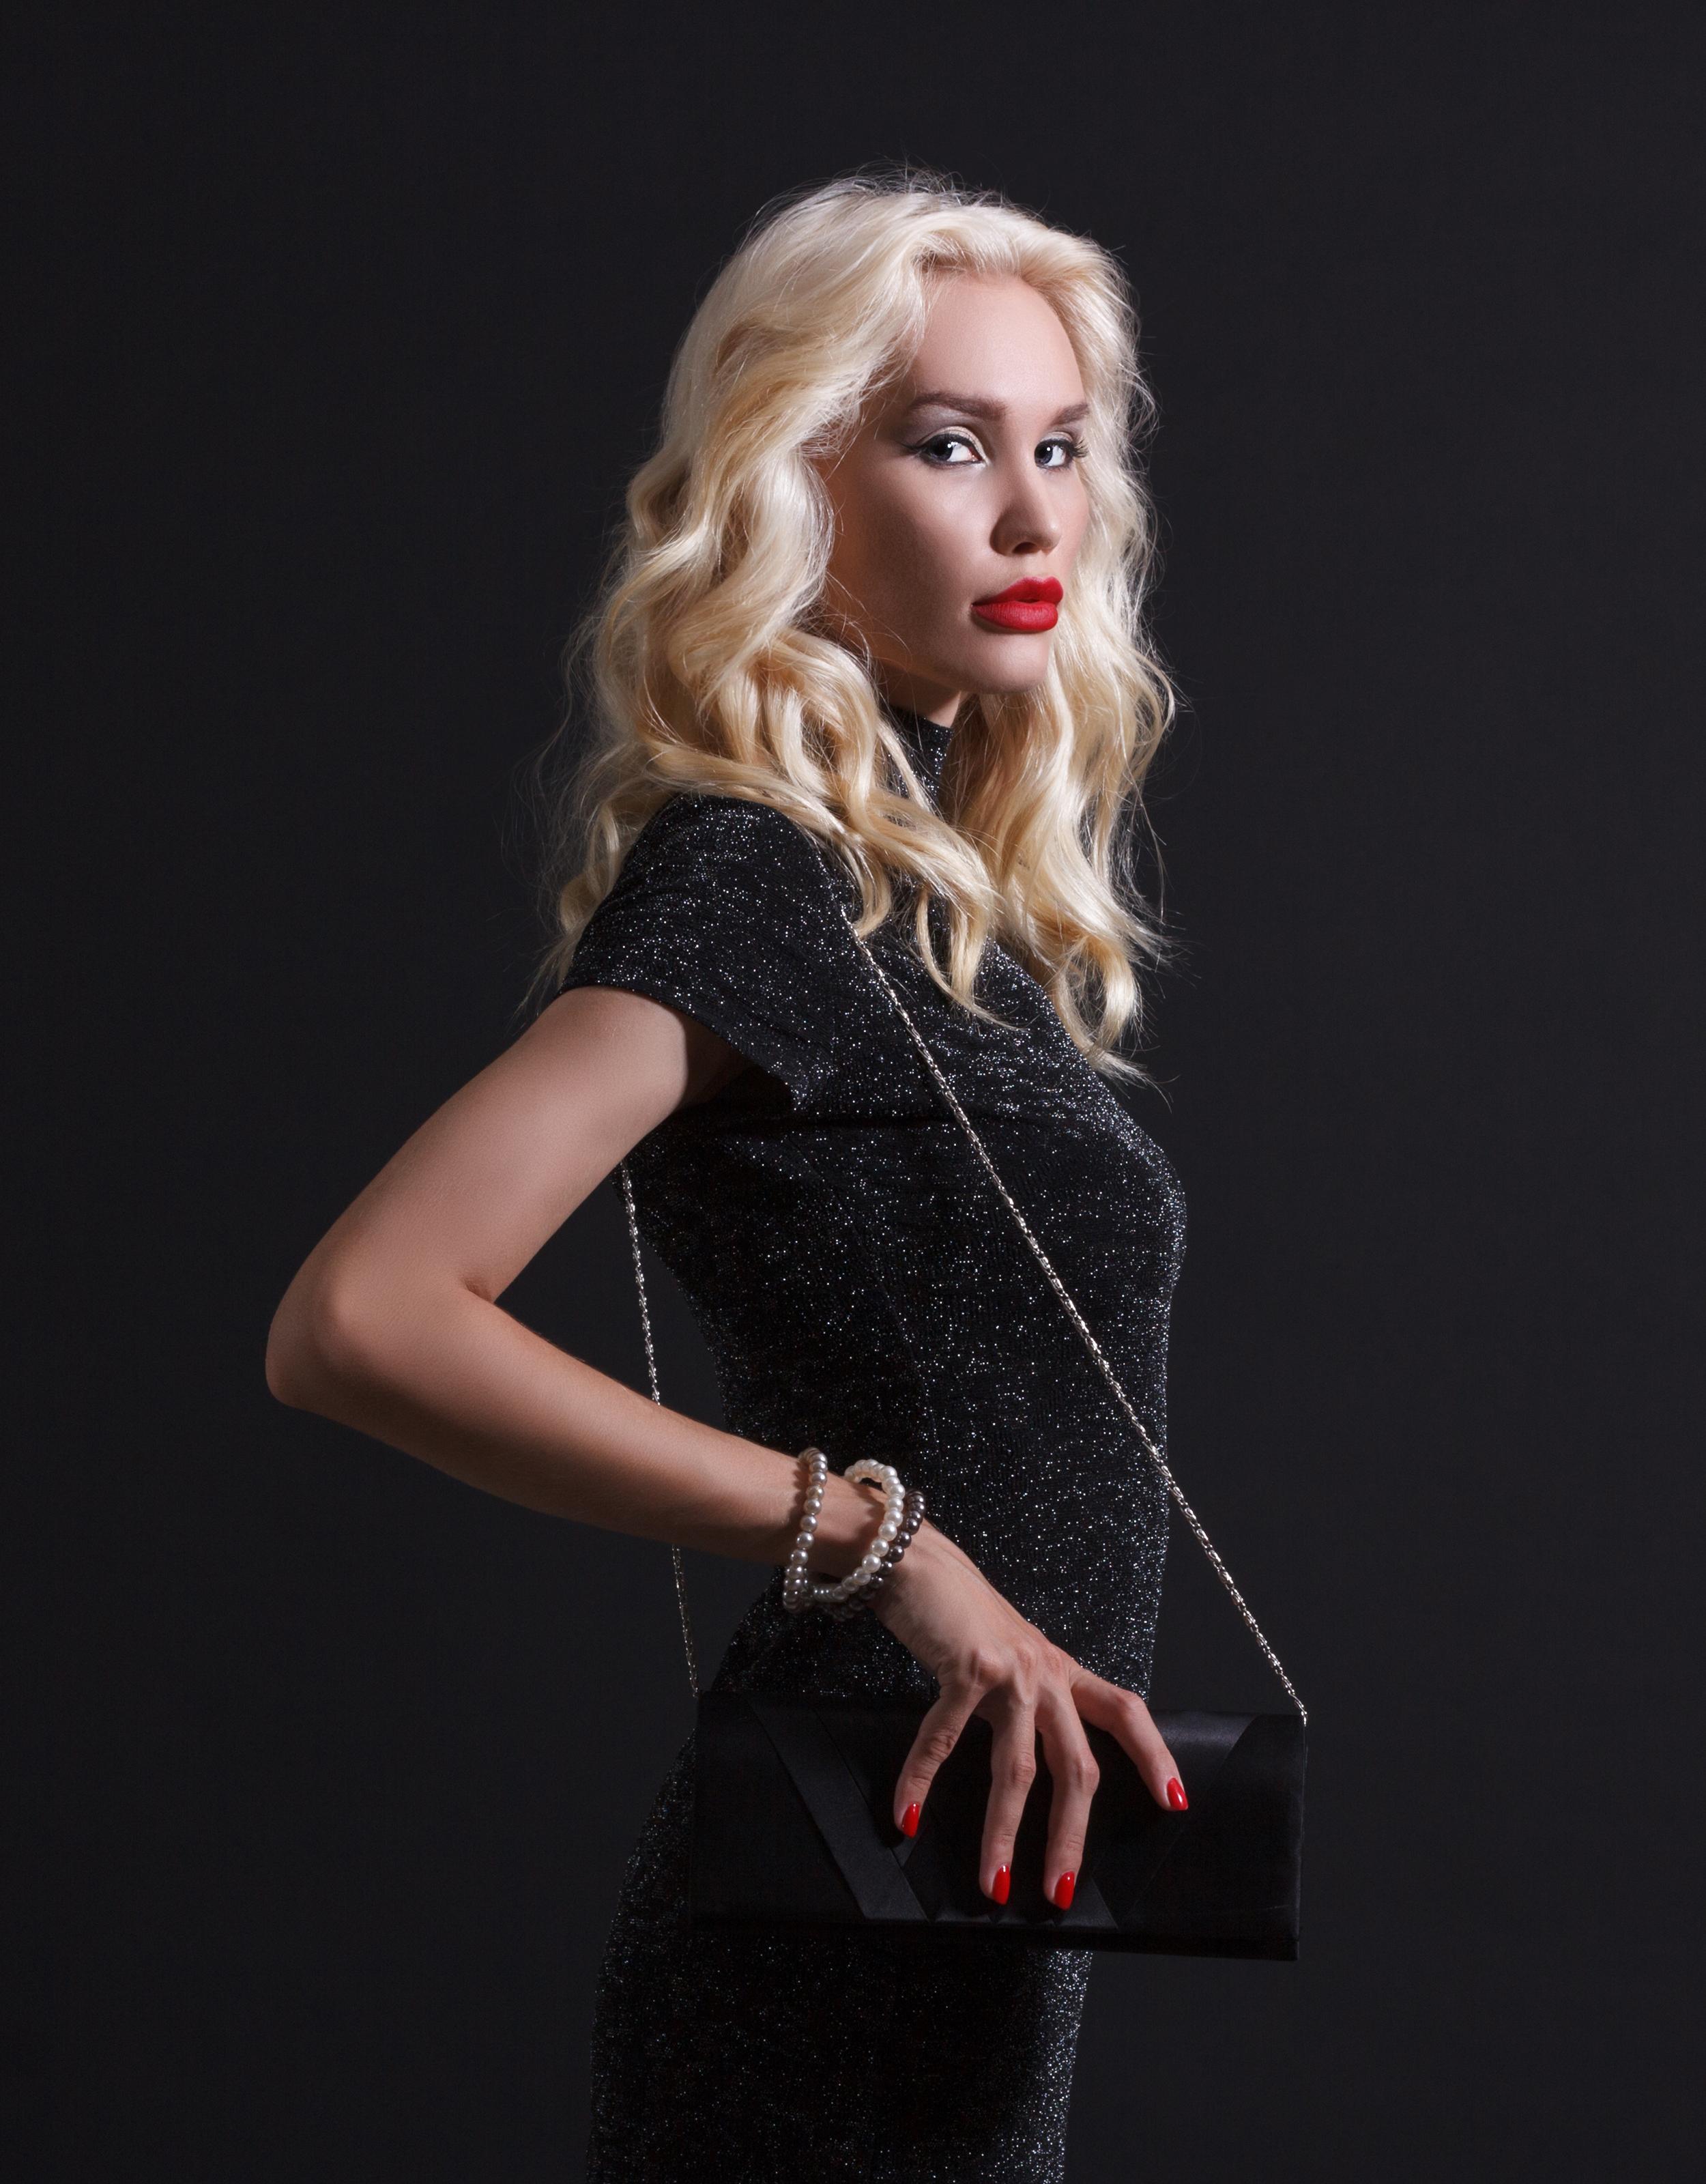 Bilder von Blond Mädchen Mädchens Handtasche Starren Kleid Blondine Blick